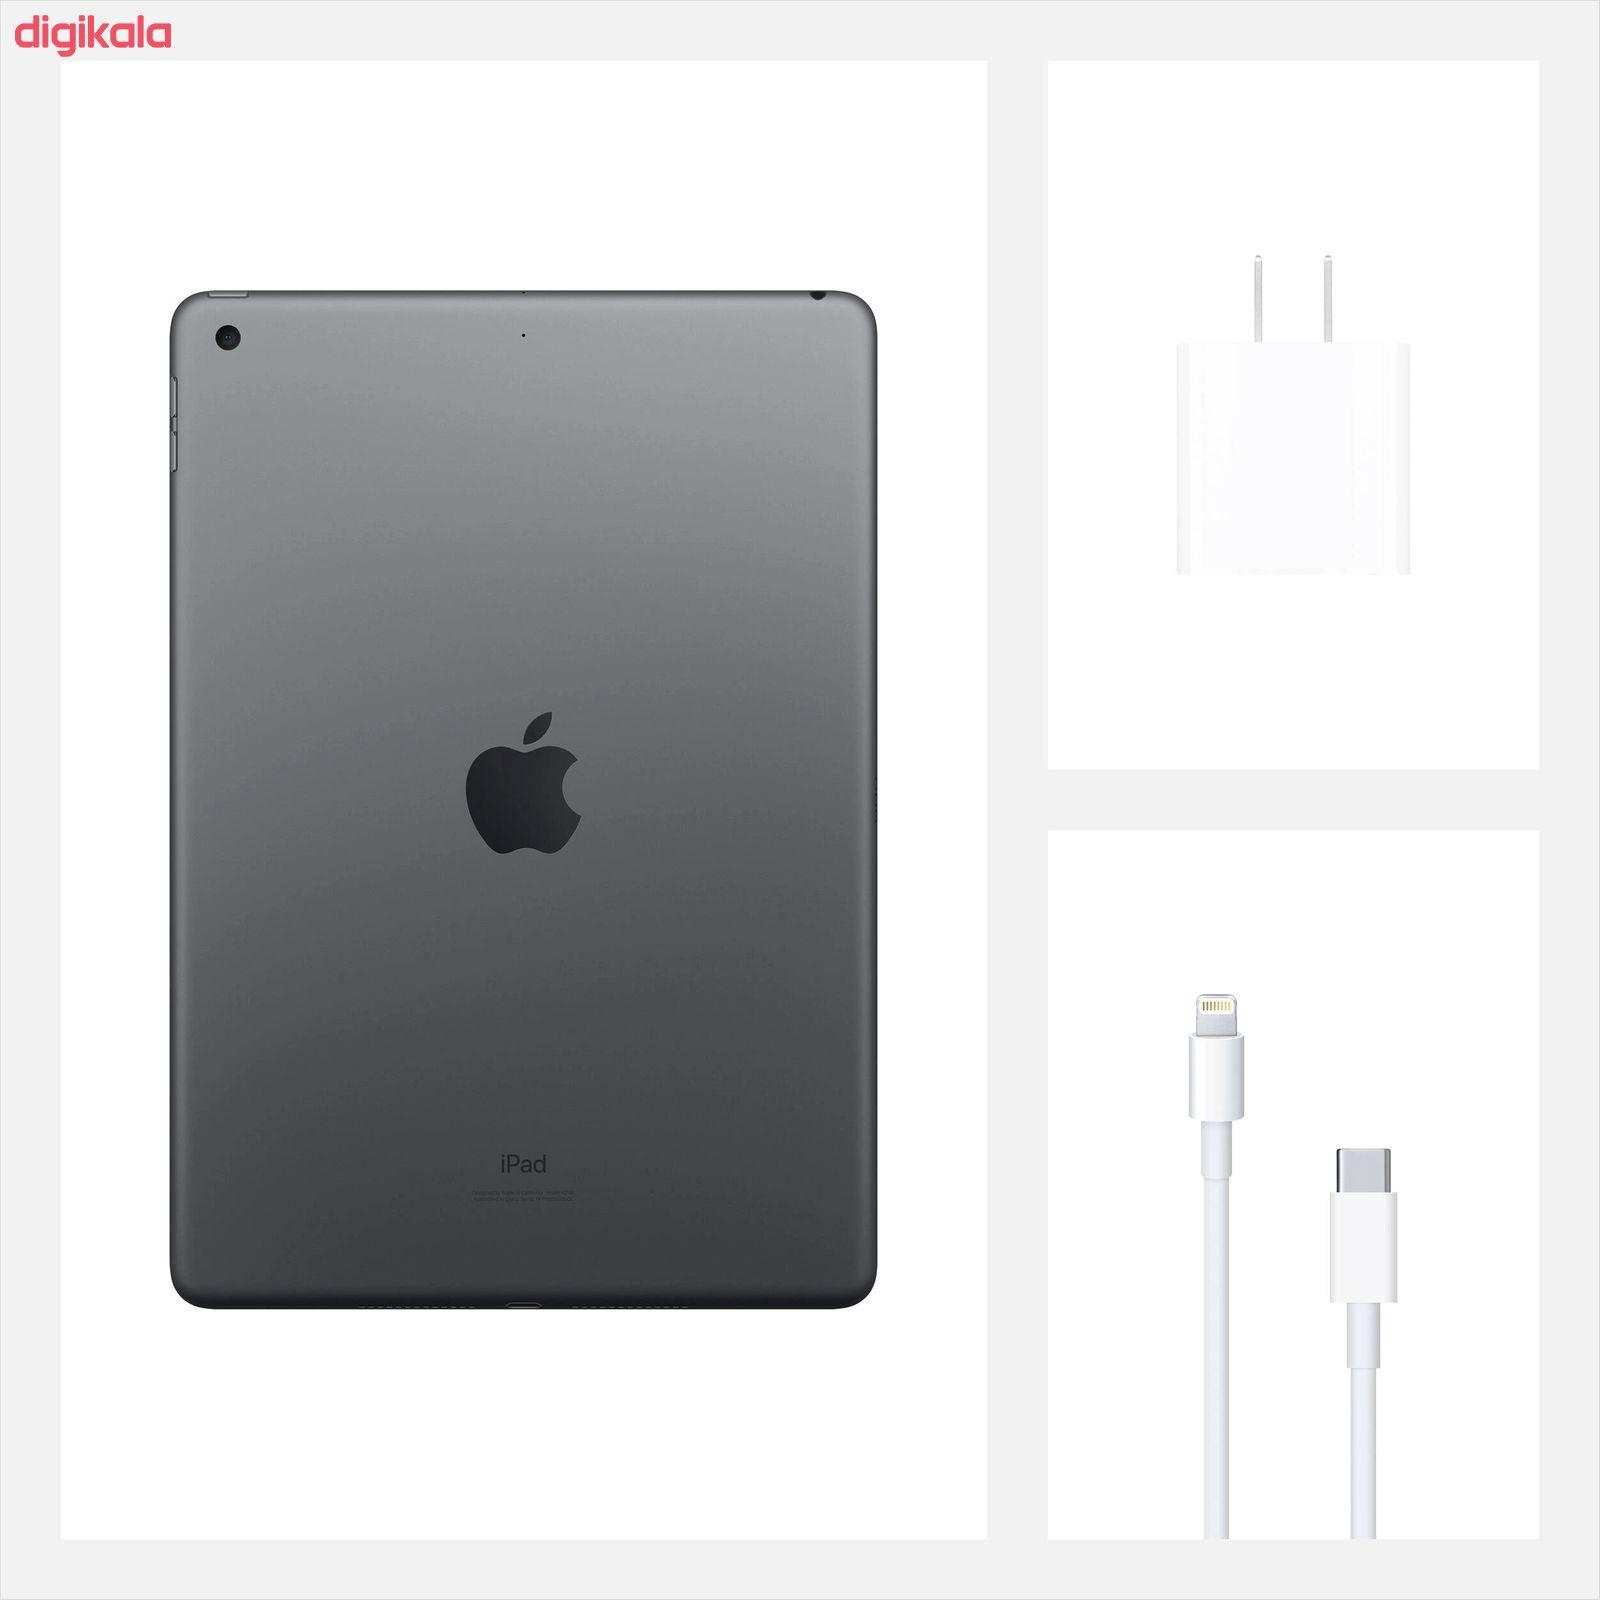 تبلت اپل مدل iPad 10.2 inch 2020 4G/LTE ظرفیت 128 گیگابایت  main 1 12